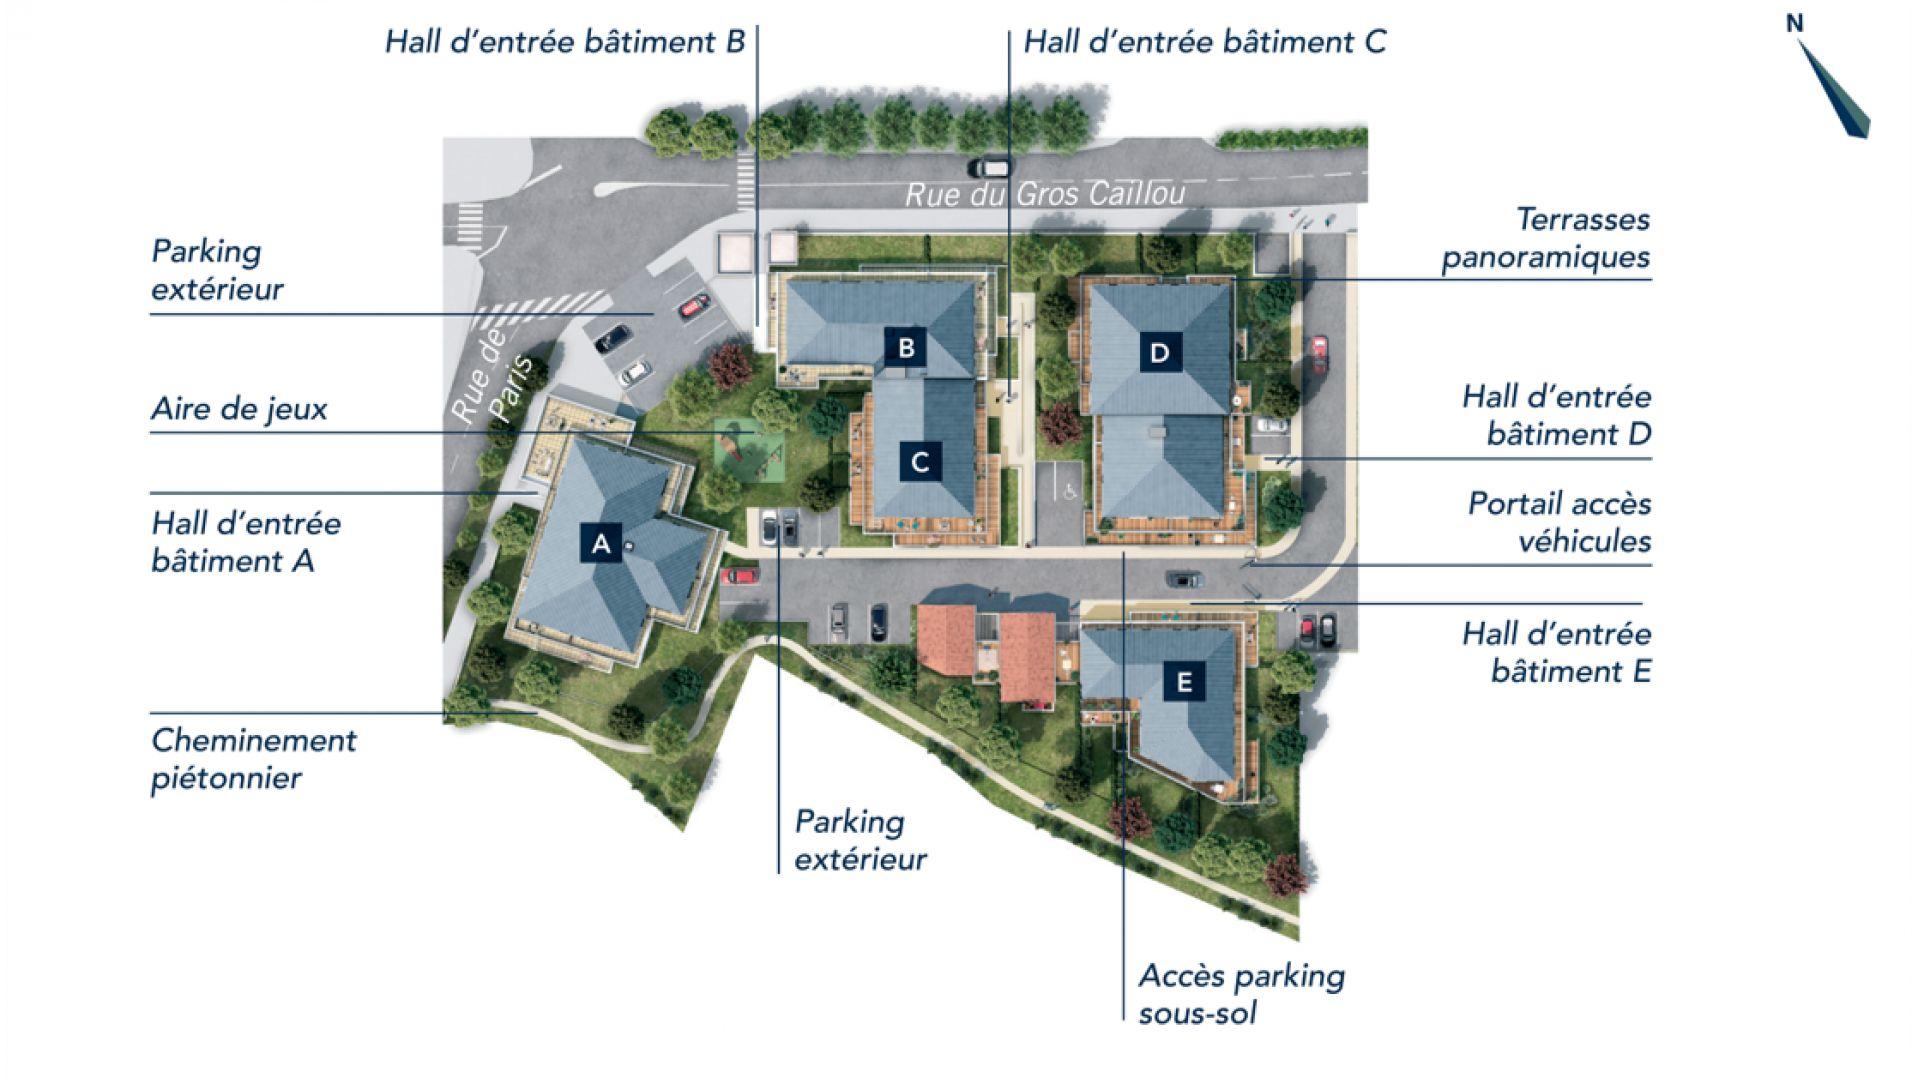 Greencity Immobilier - Le Stendhal - Cesson 77240 - achat appartements du T1 au T4 - Villa T4 et T5 - Plan de masse